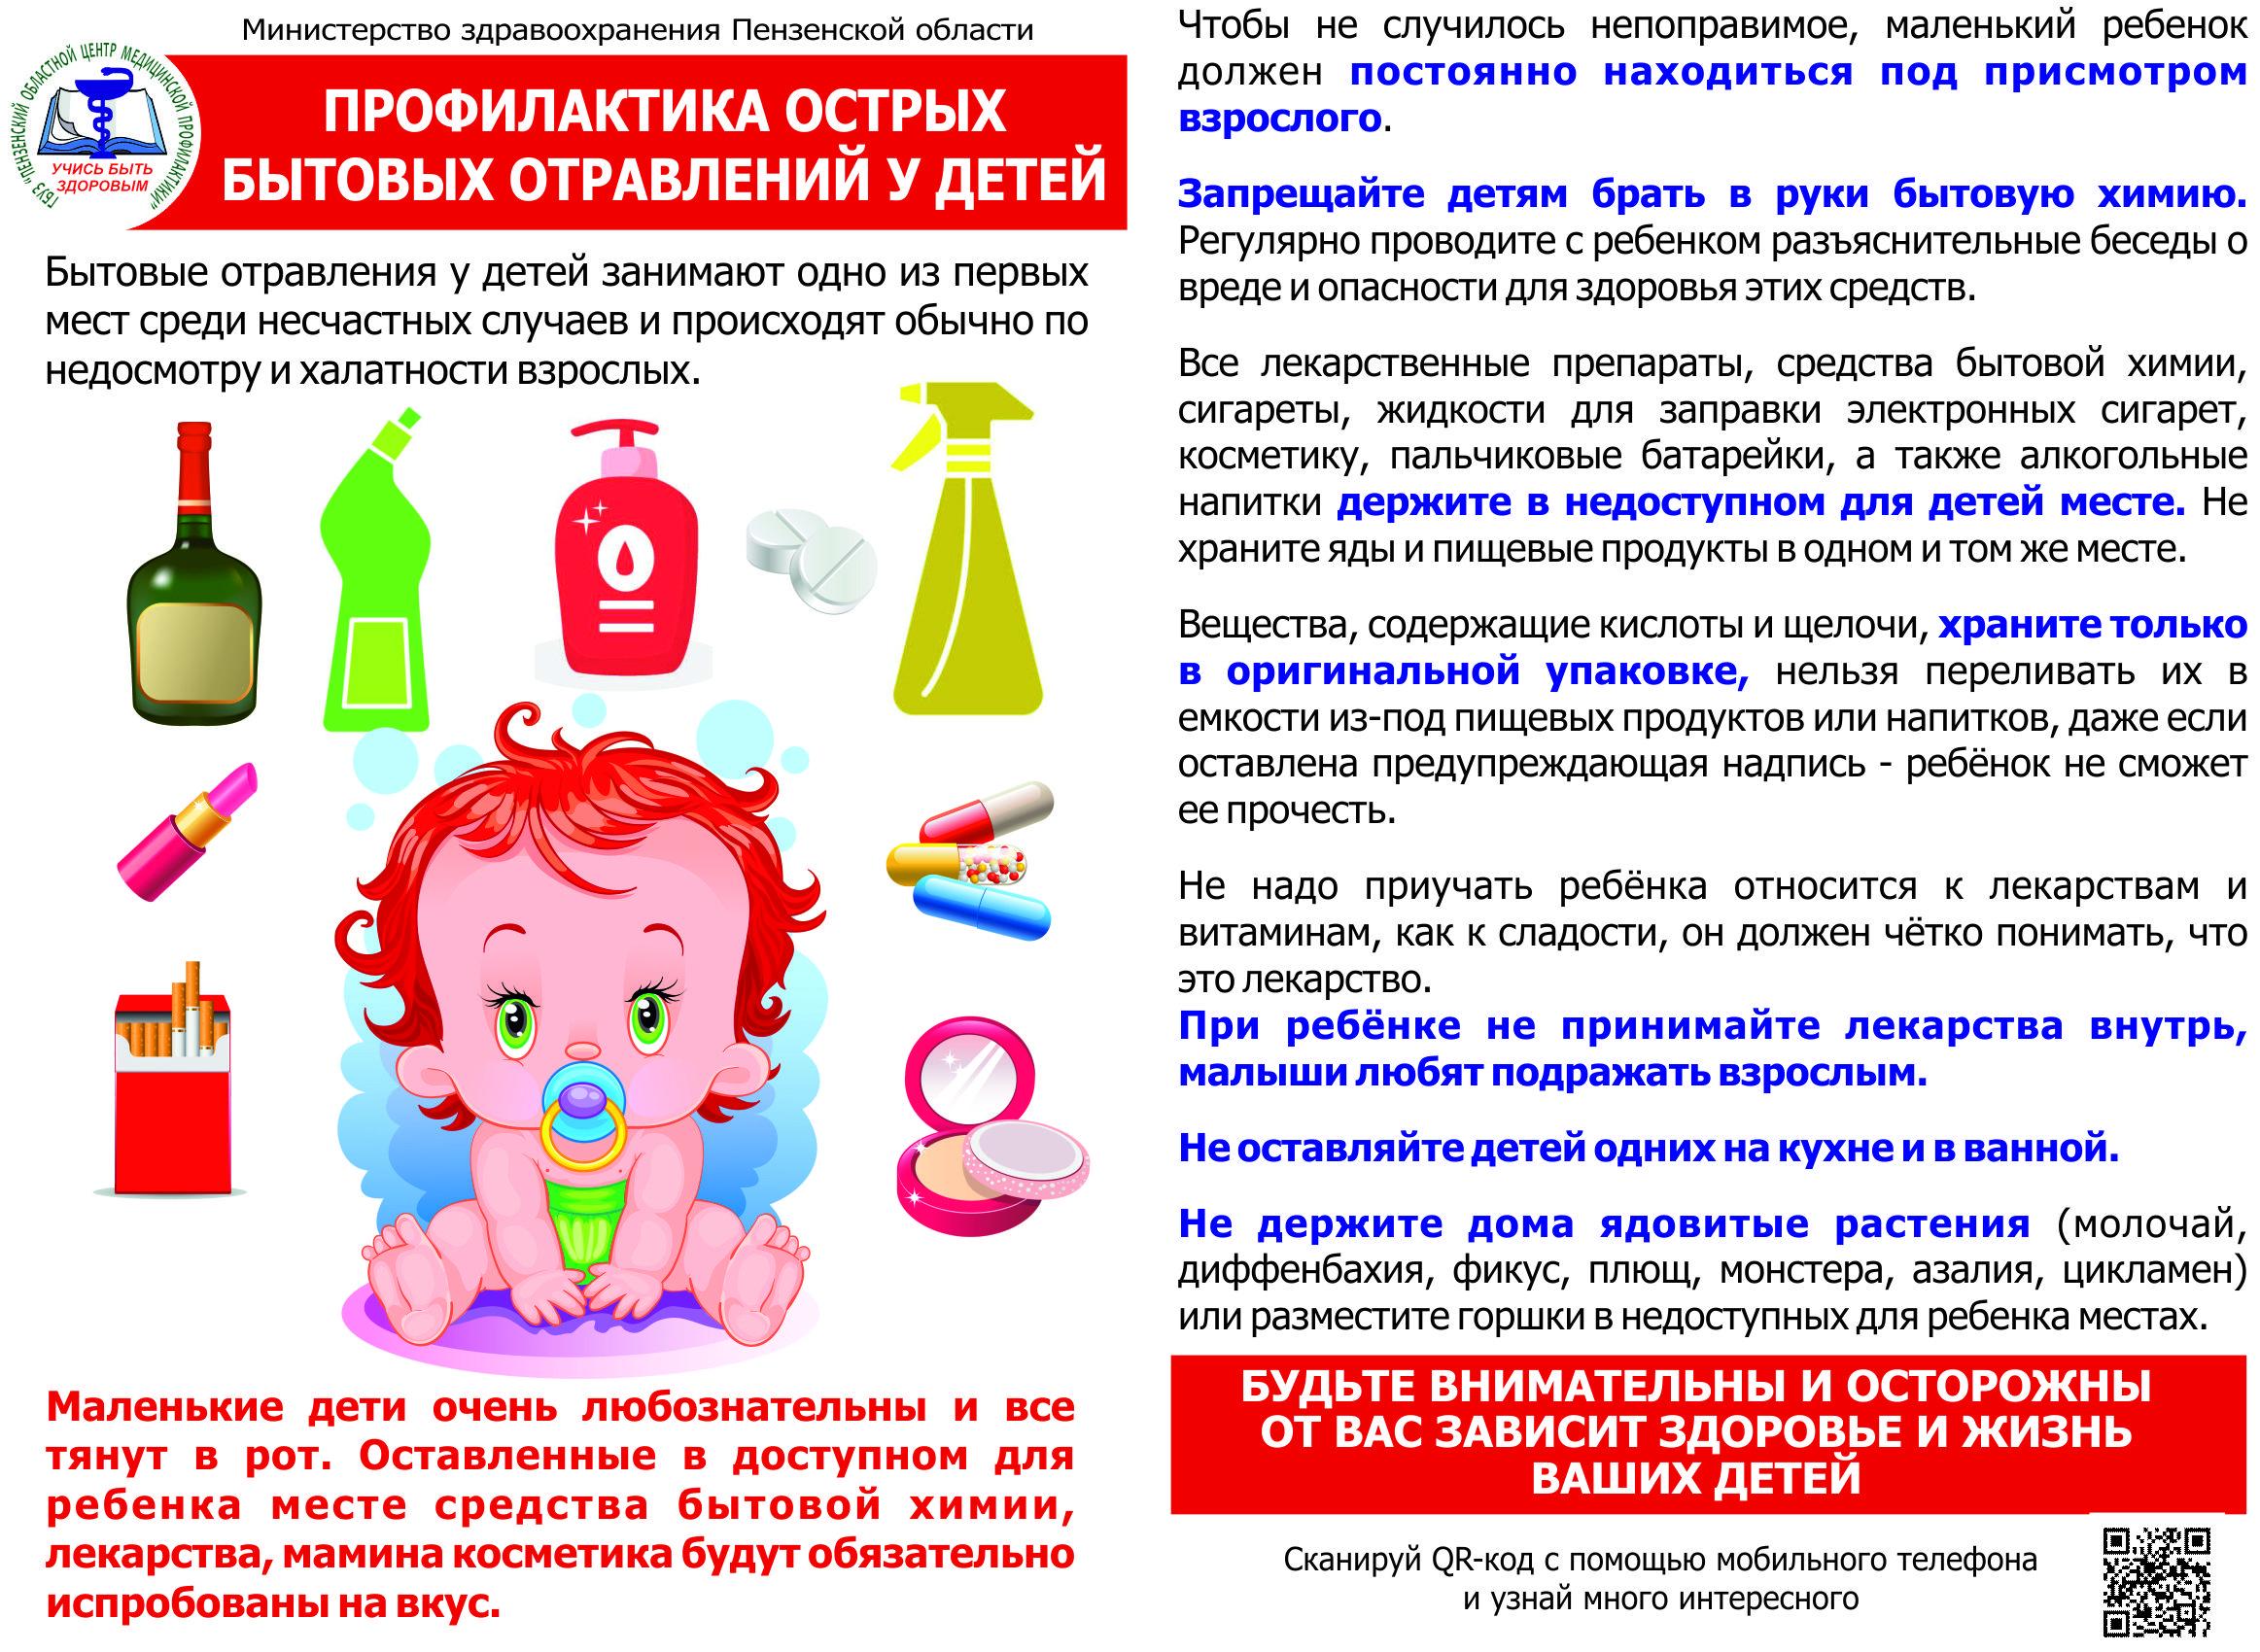 Первая помощь при отравлении грибами у взрослых и детей